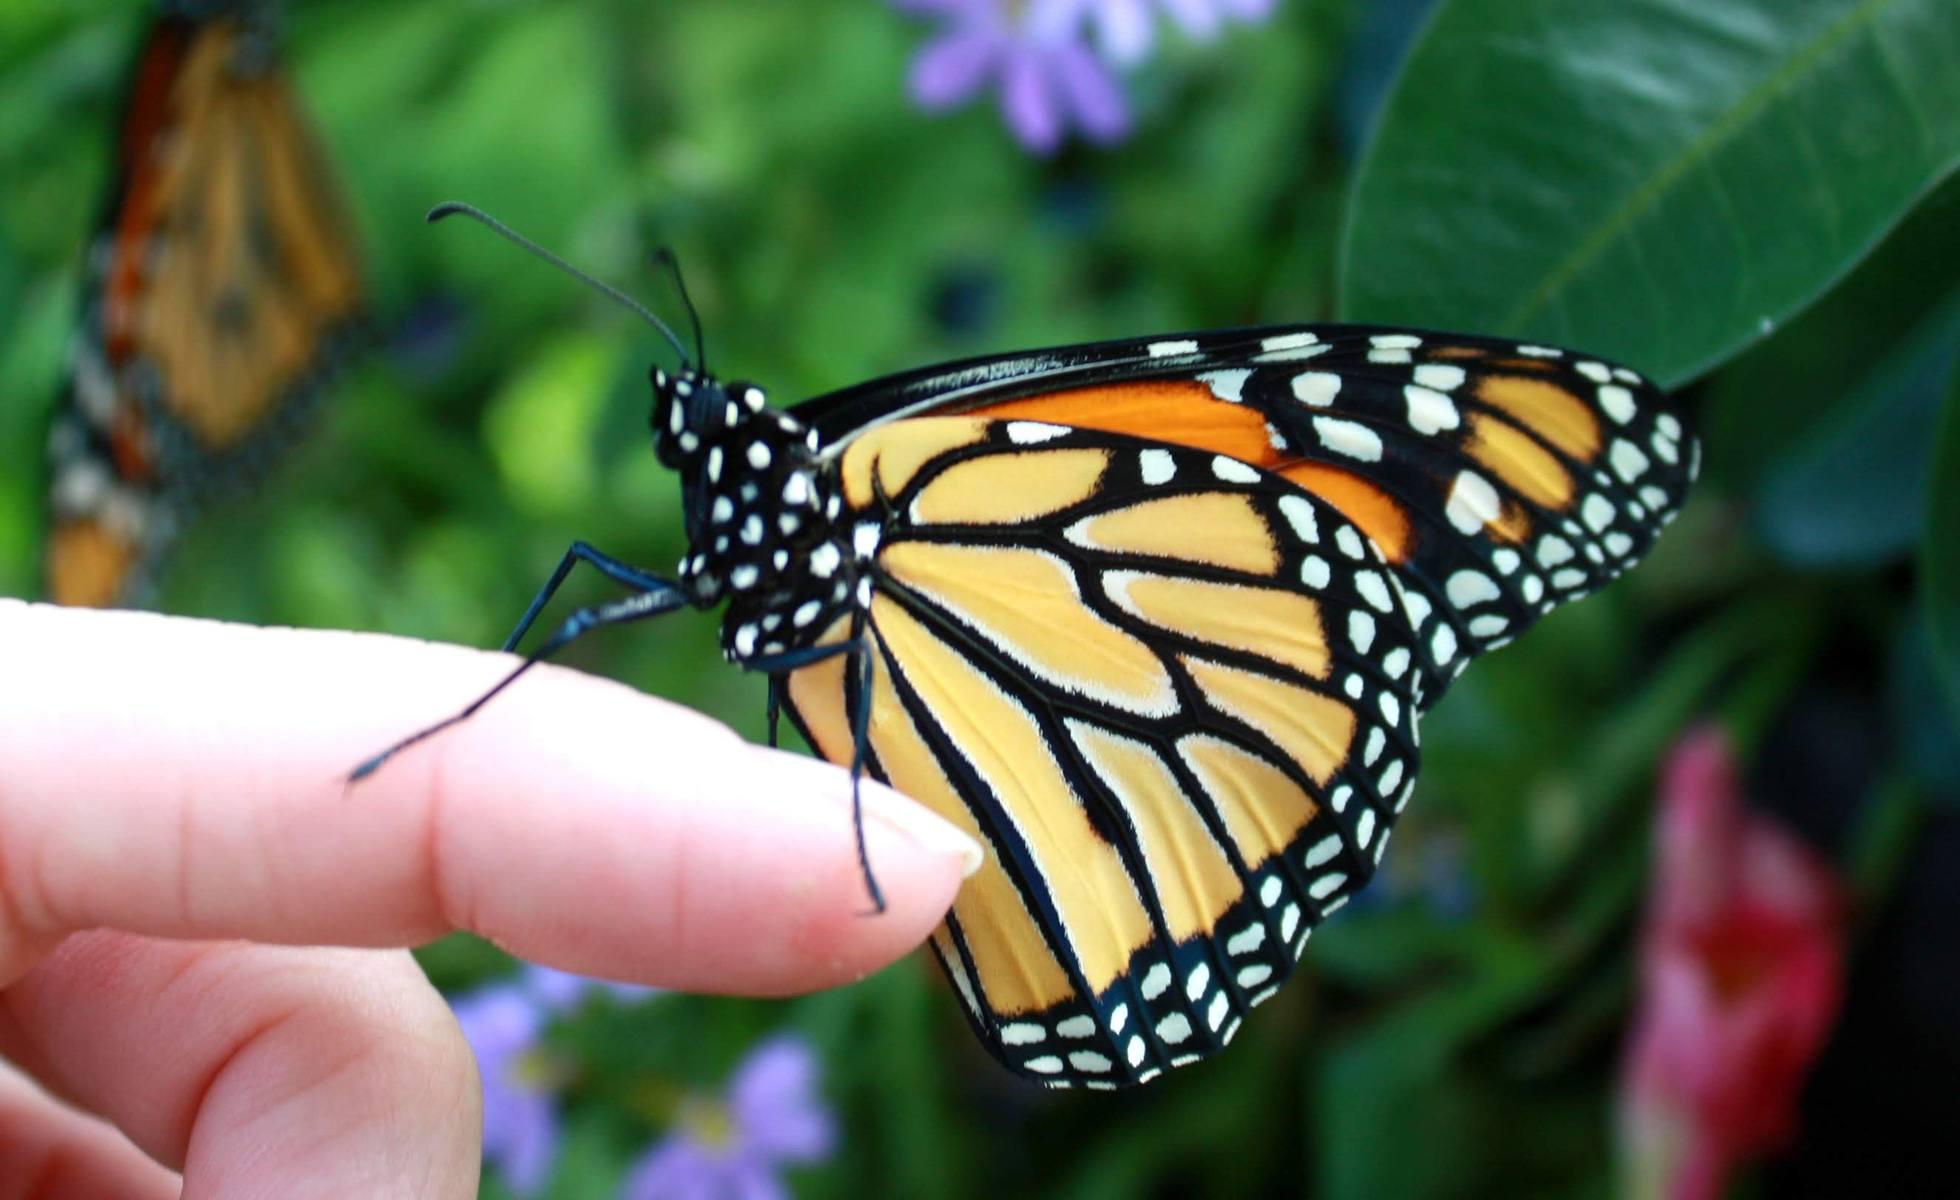 Hình ảnh cánh bướm vàng vằn đen xinh đẹp